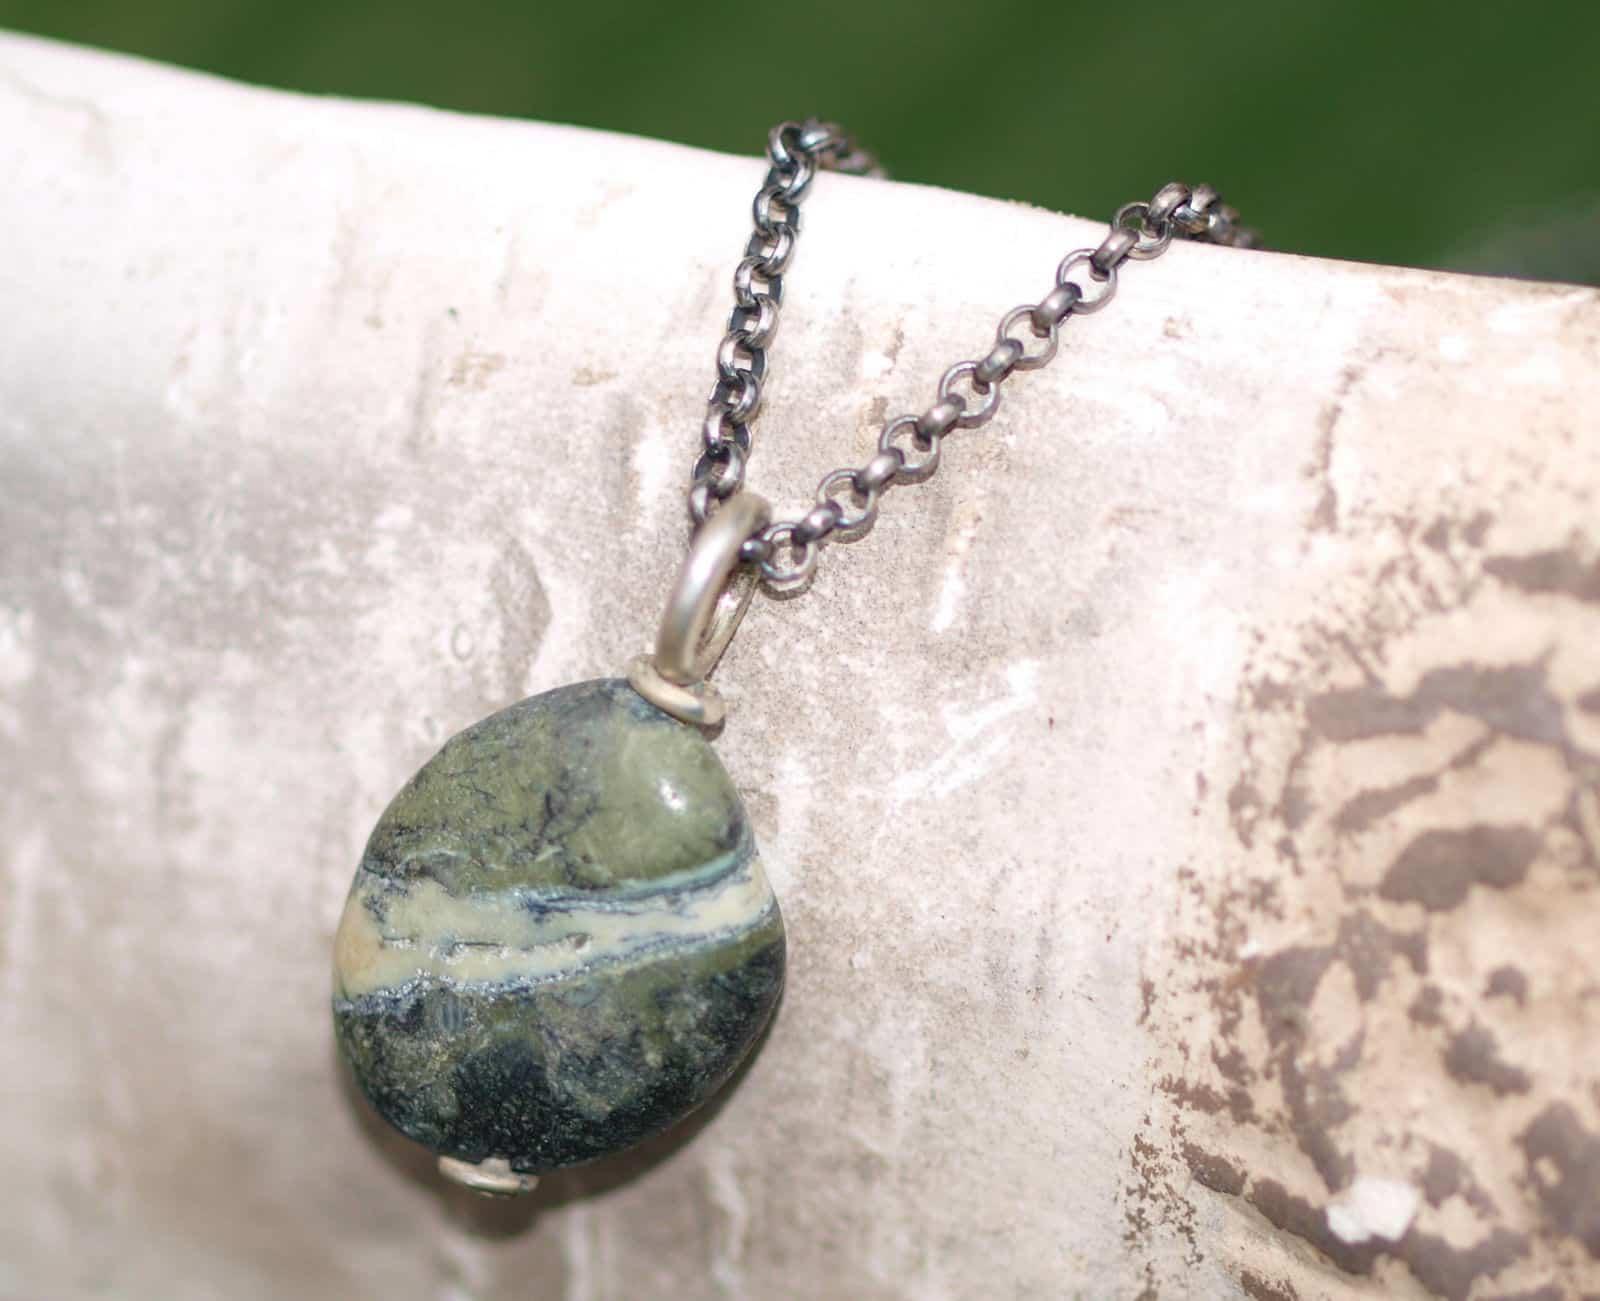 Designer Kette Silber 925 mit Serpentin an Erbskette beweglich tlw geschwärzt